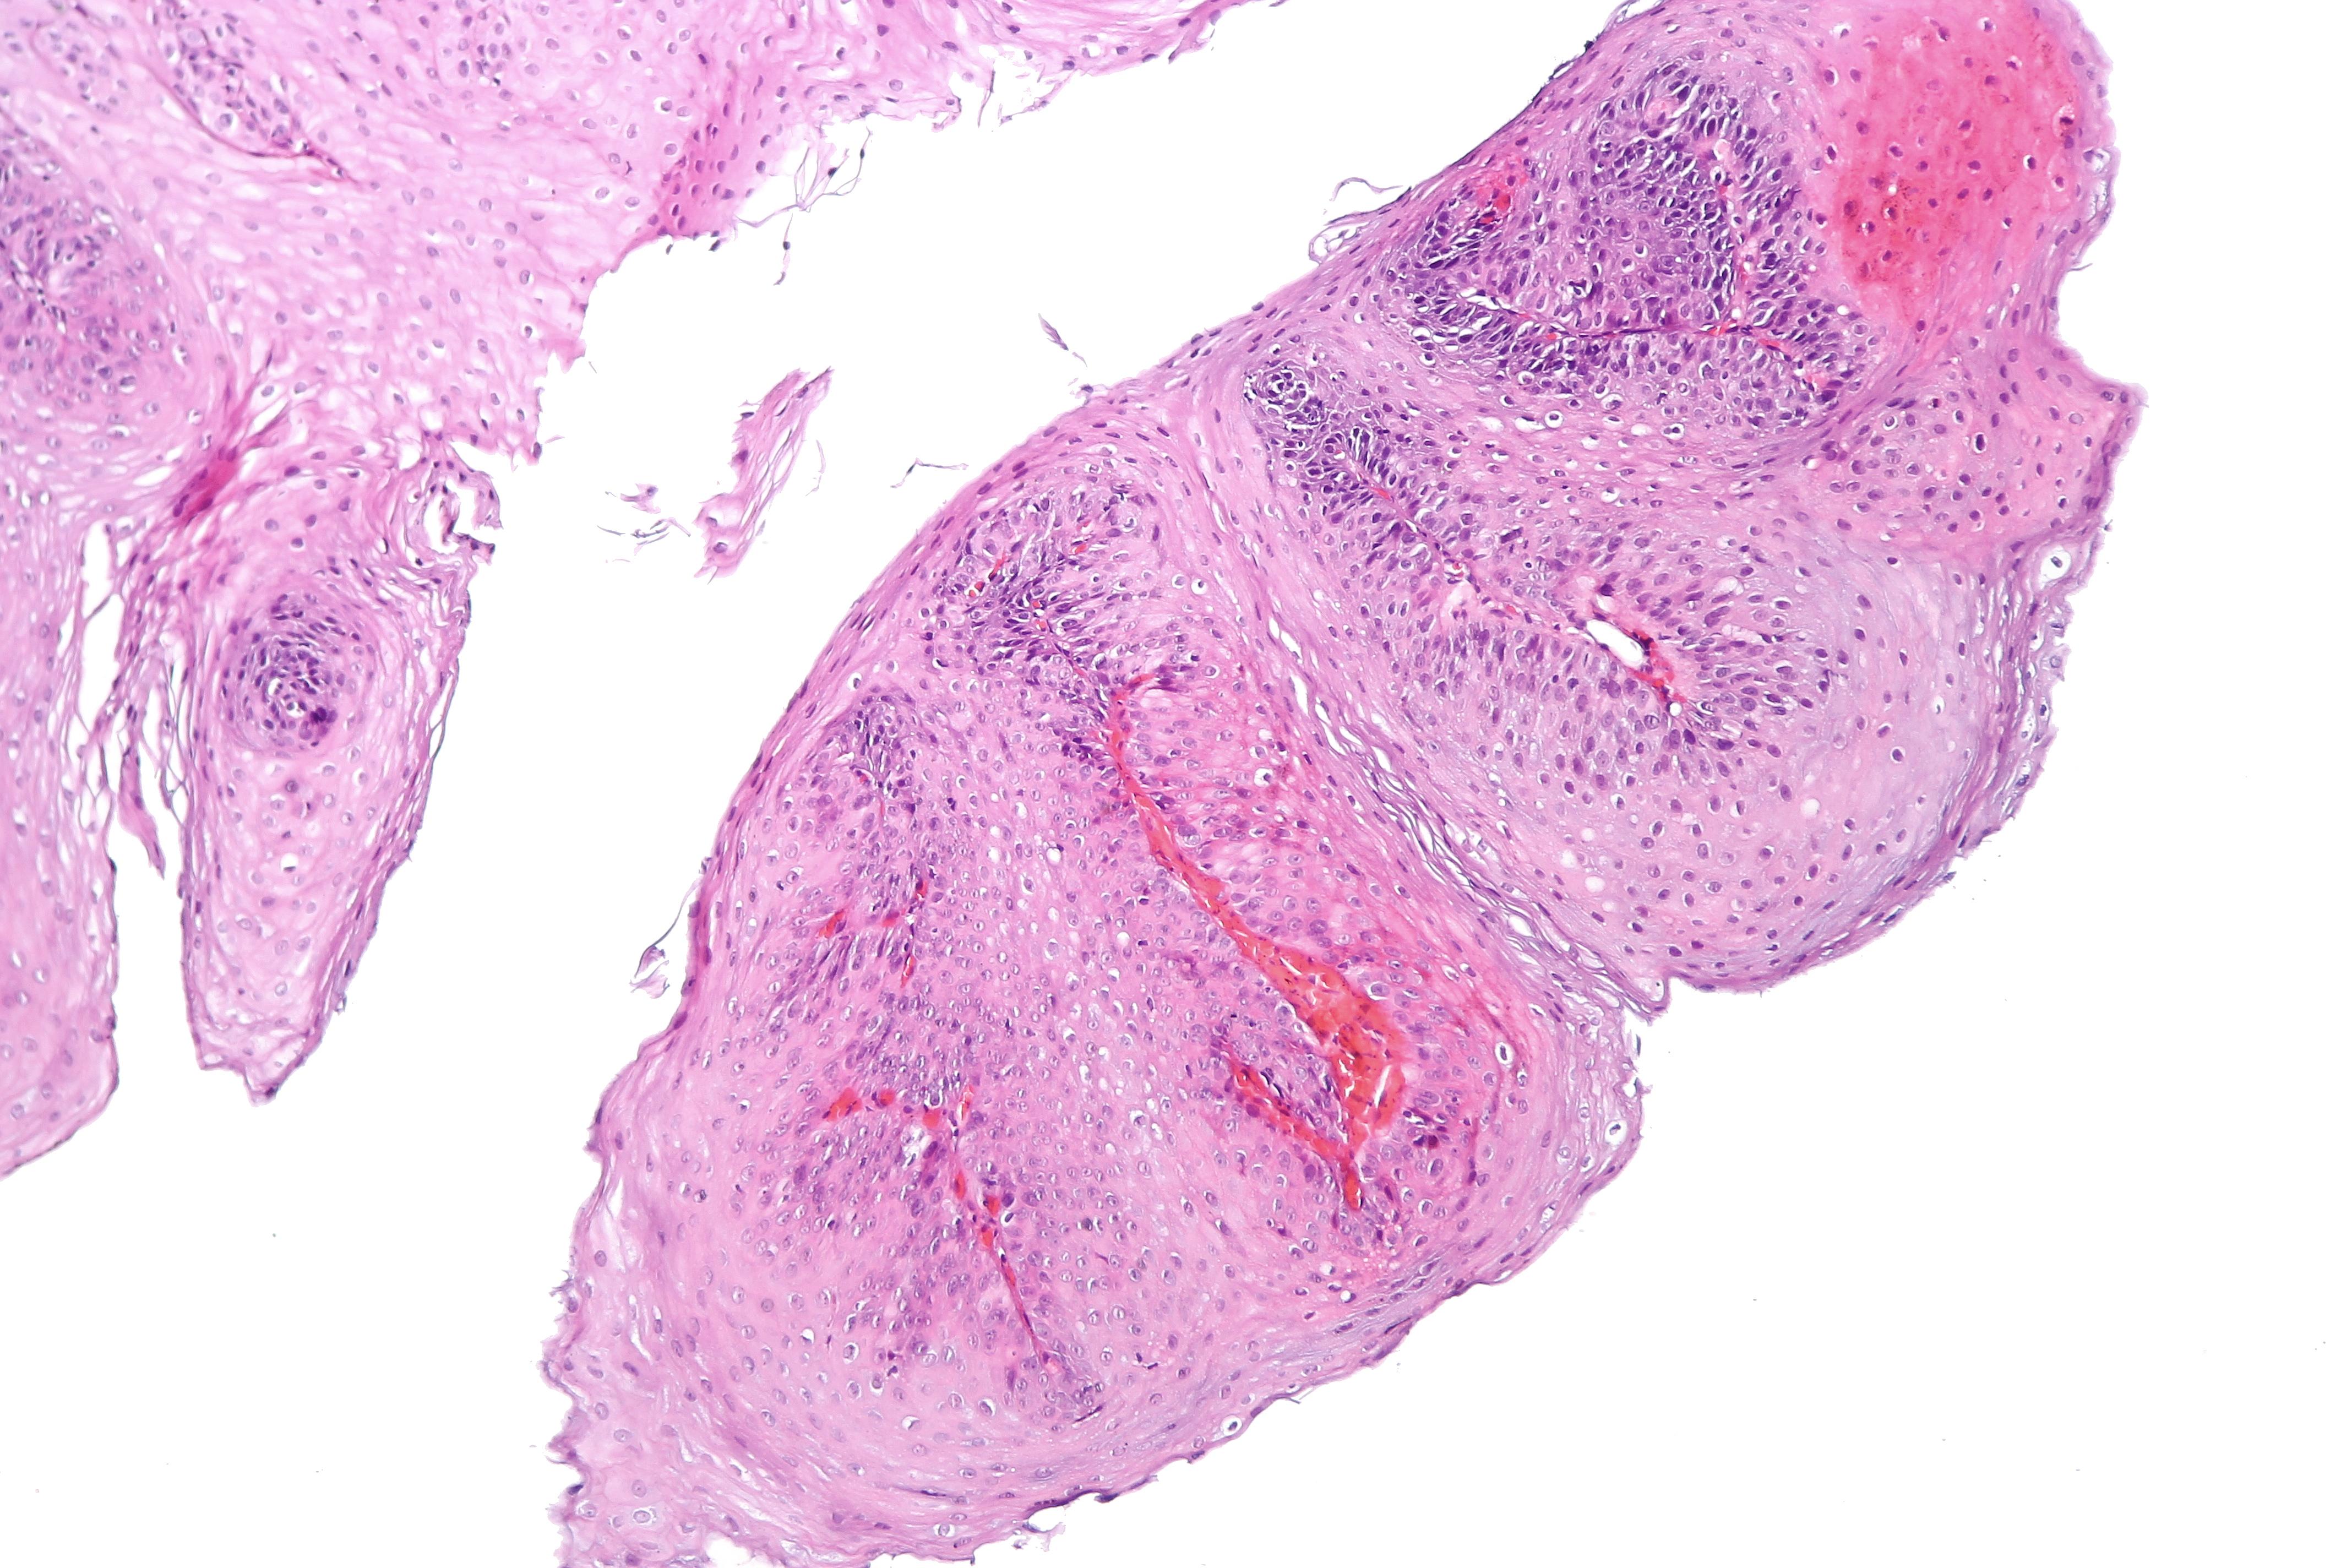 esophageal squamous papillomatosis